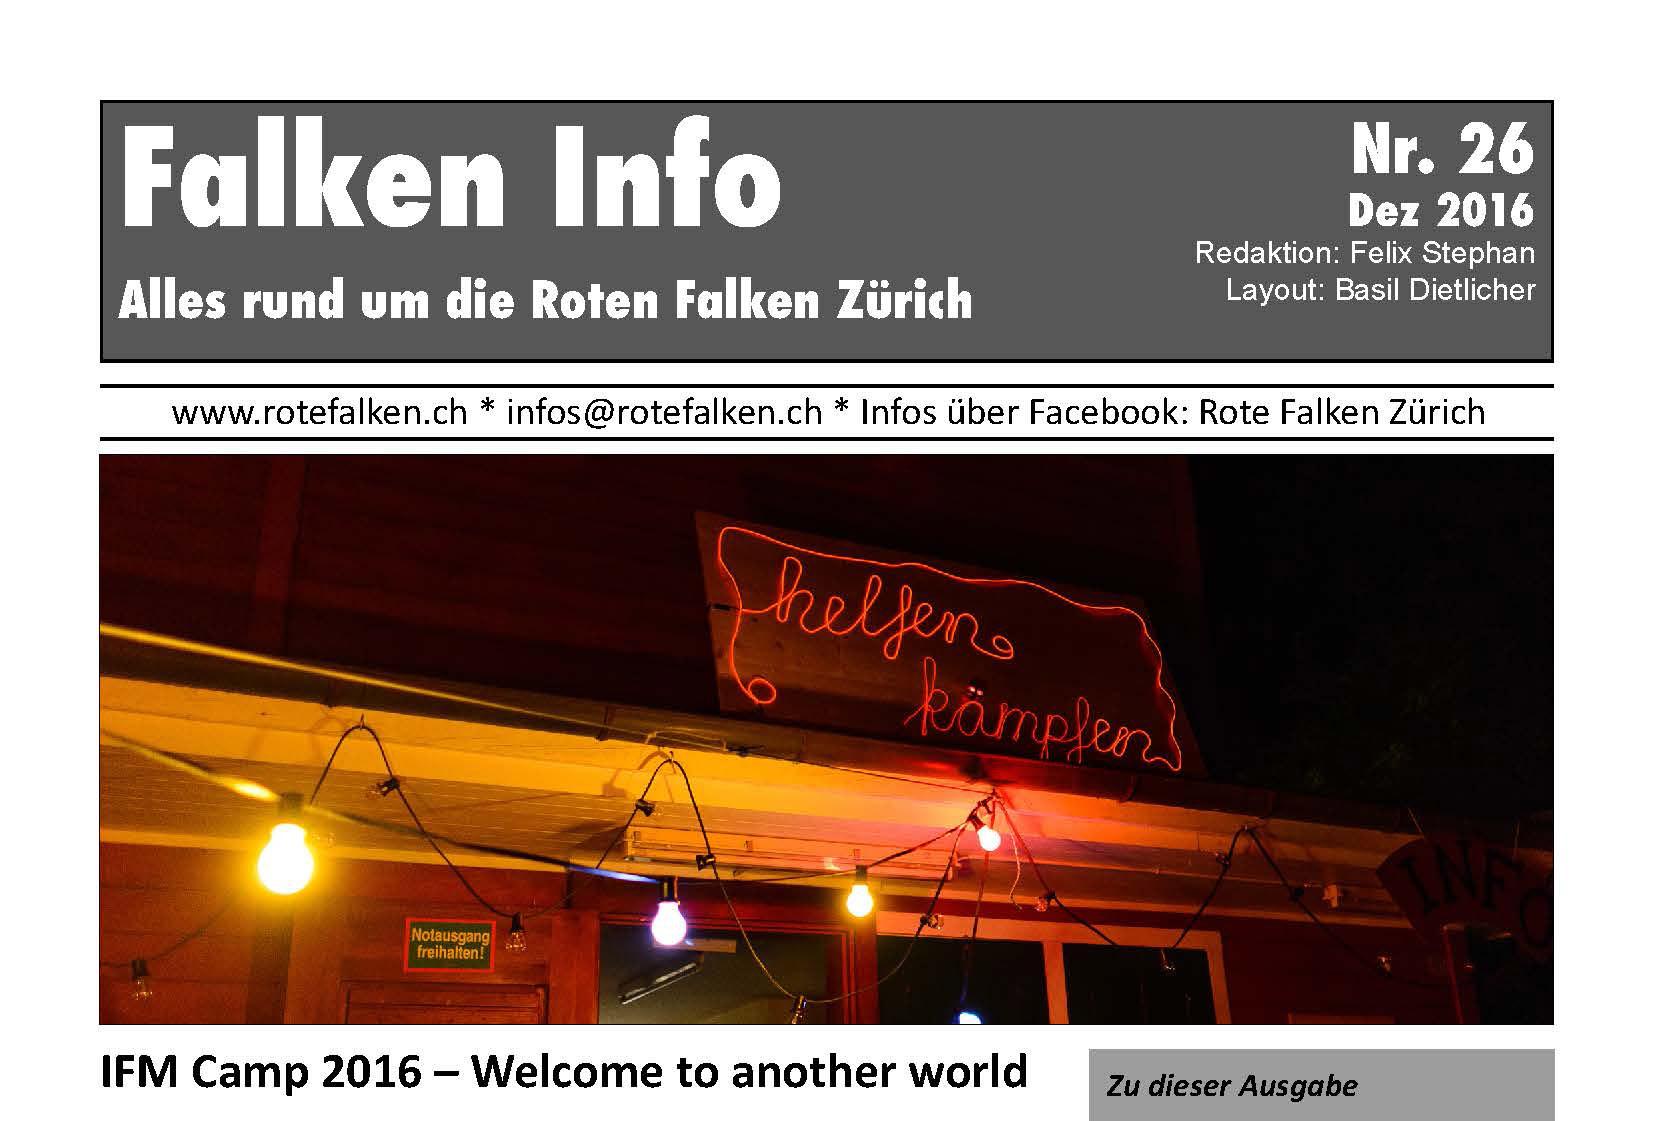 Neues Infoblatt Nr. 26 erschienen (Dez 2016)